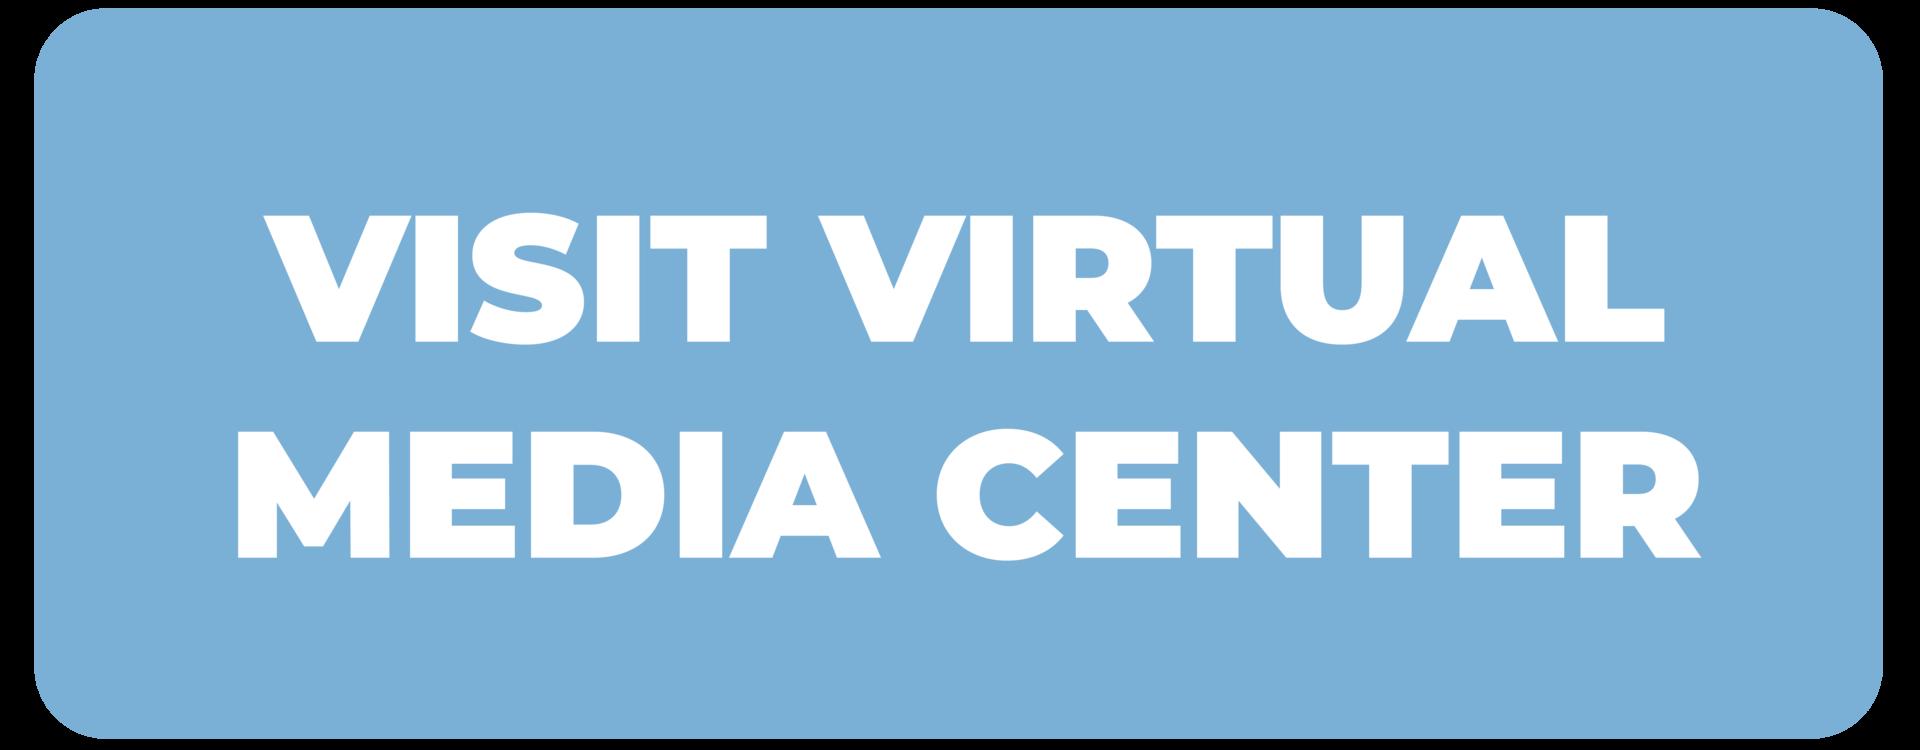 Visit Virtual Media Center